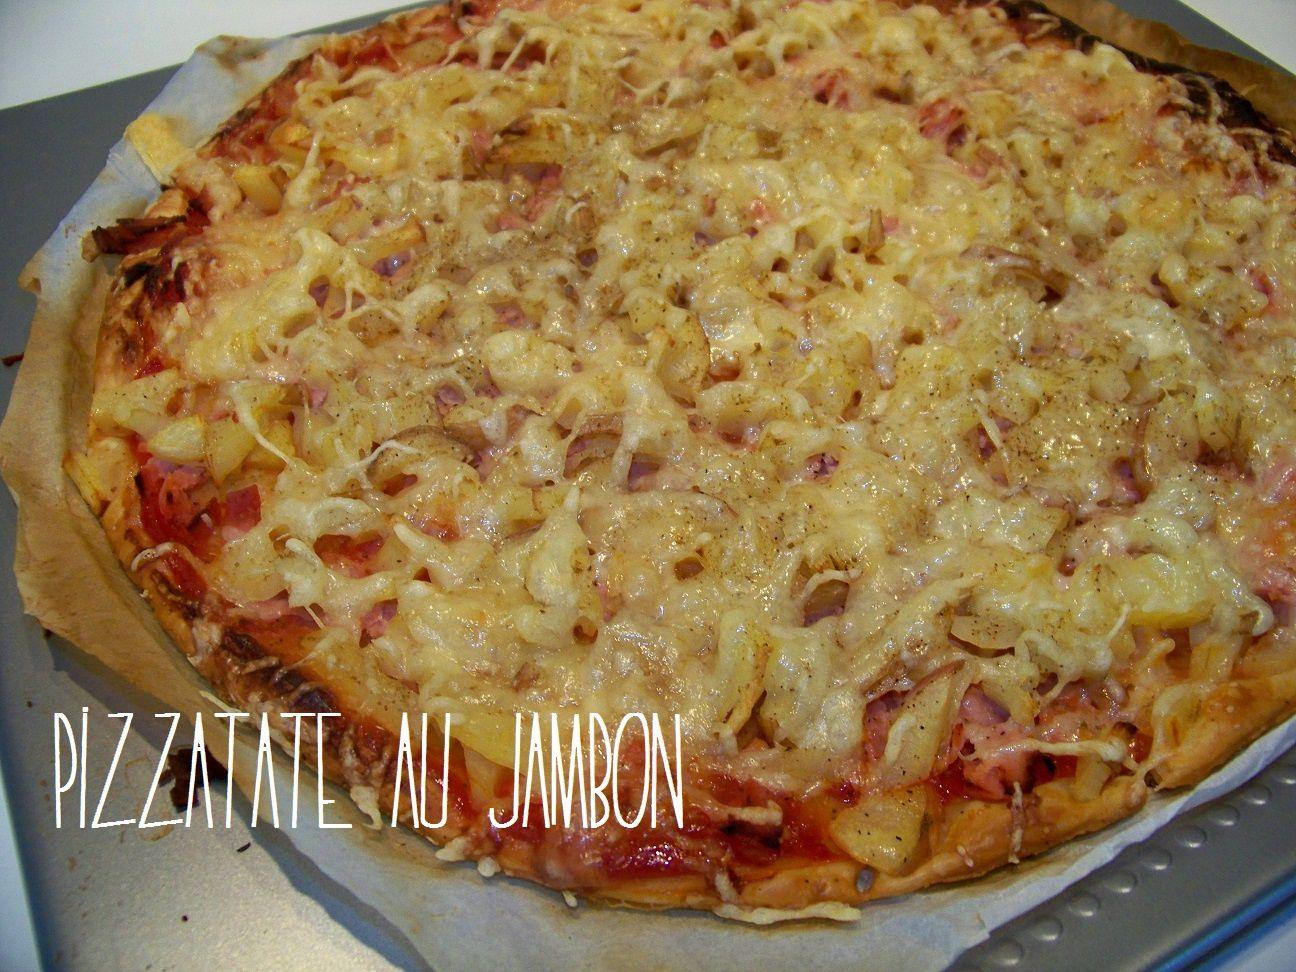 Pizzatate au jambon